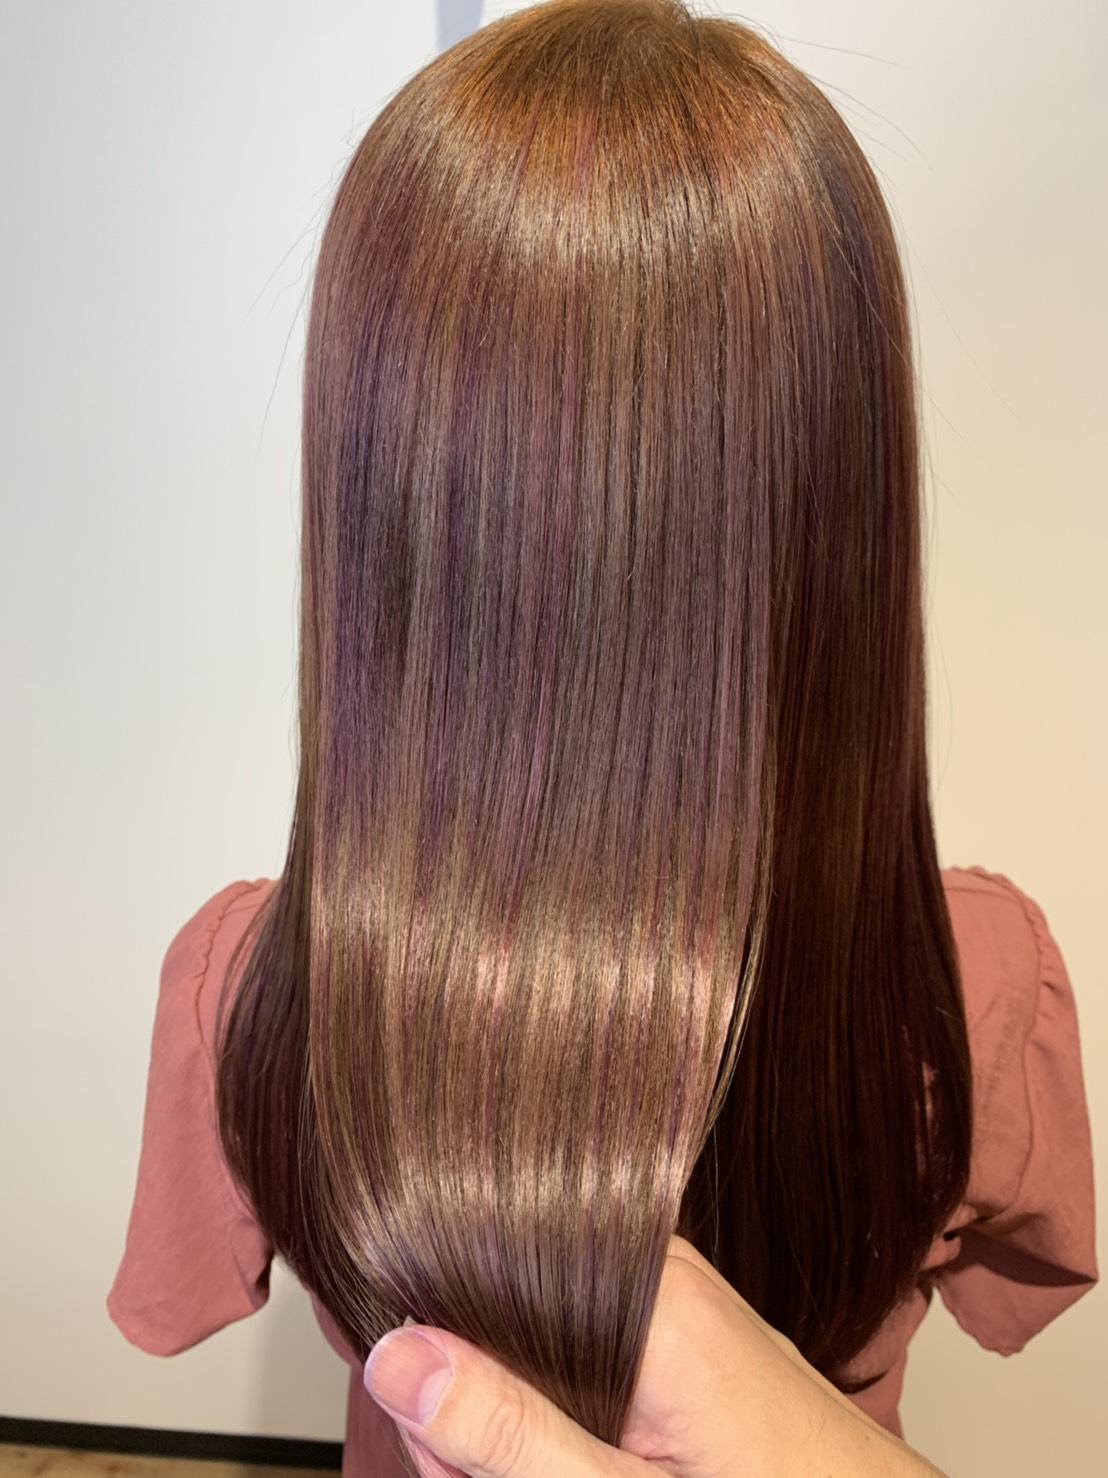 S  31023107 - Hair Gallery